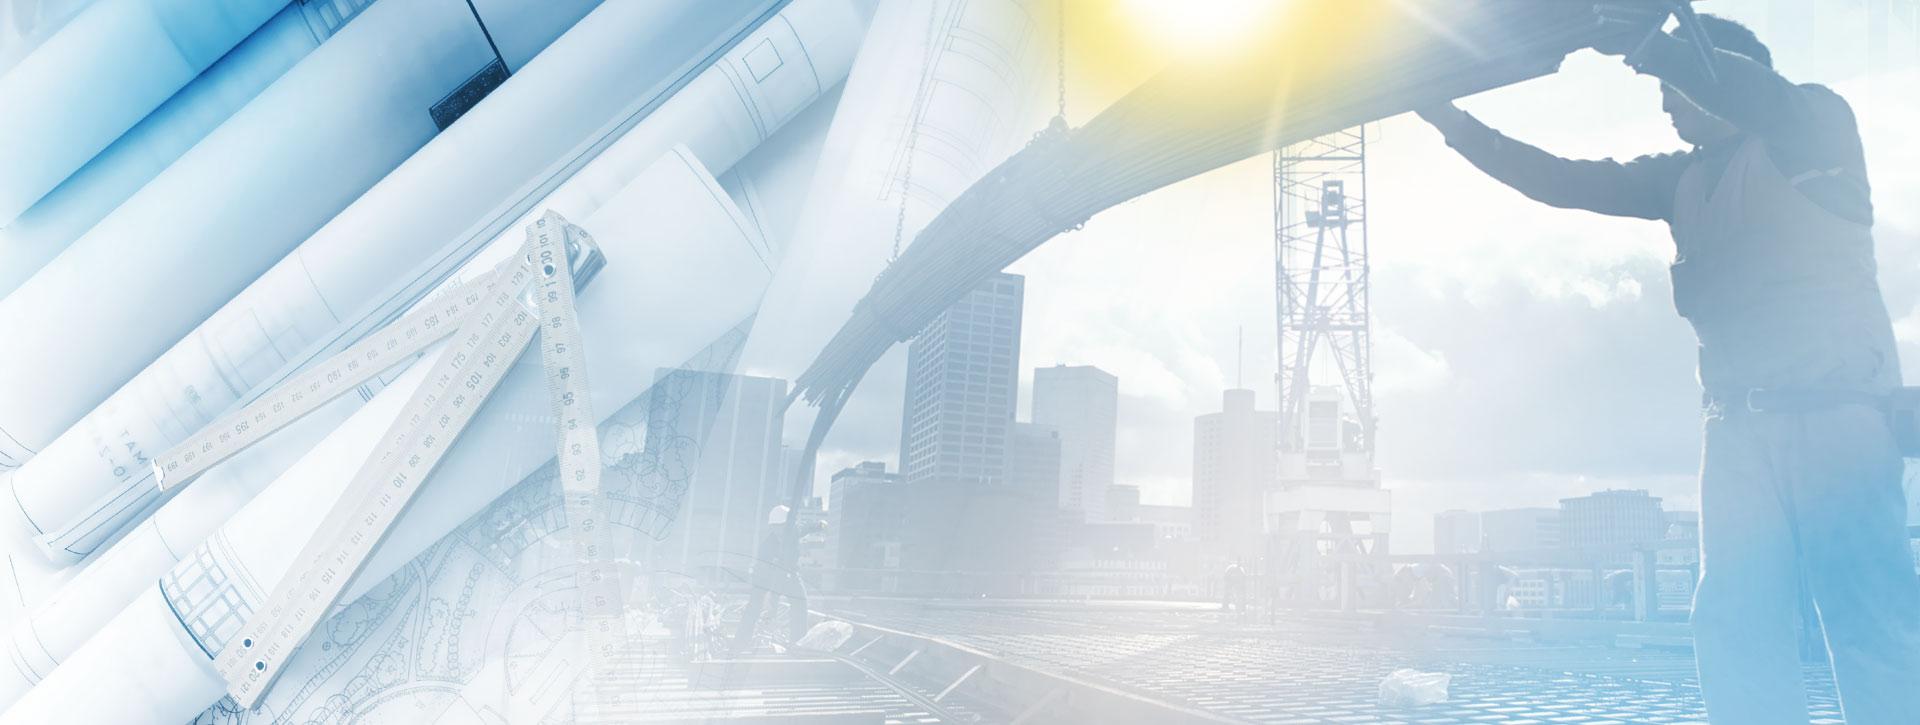 Somos desarrolladores comprometidos con el futuro de las ciudades.